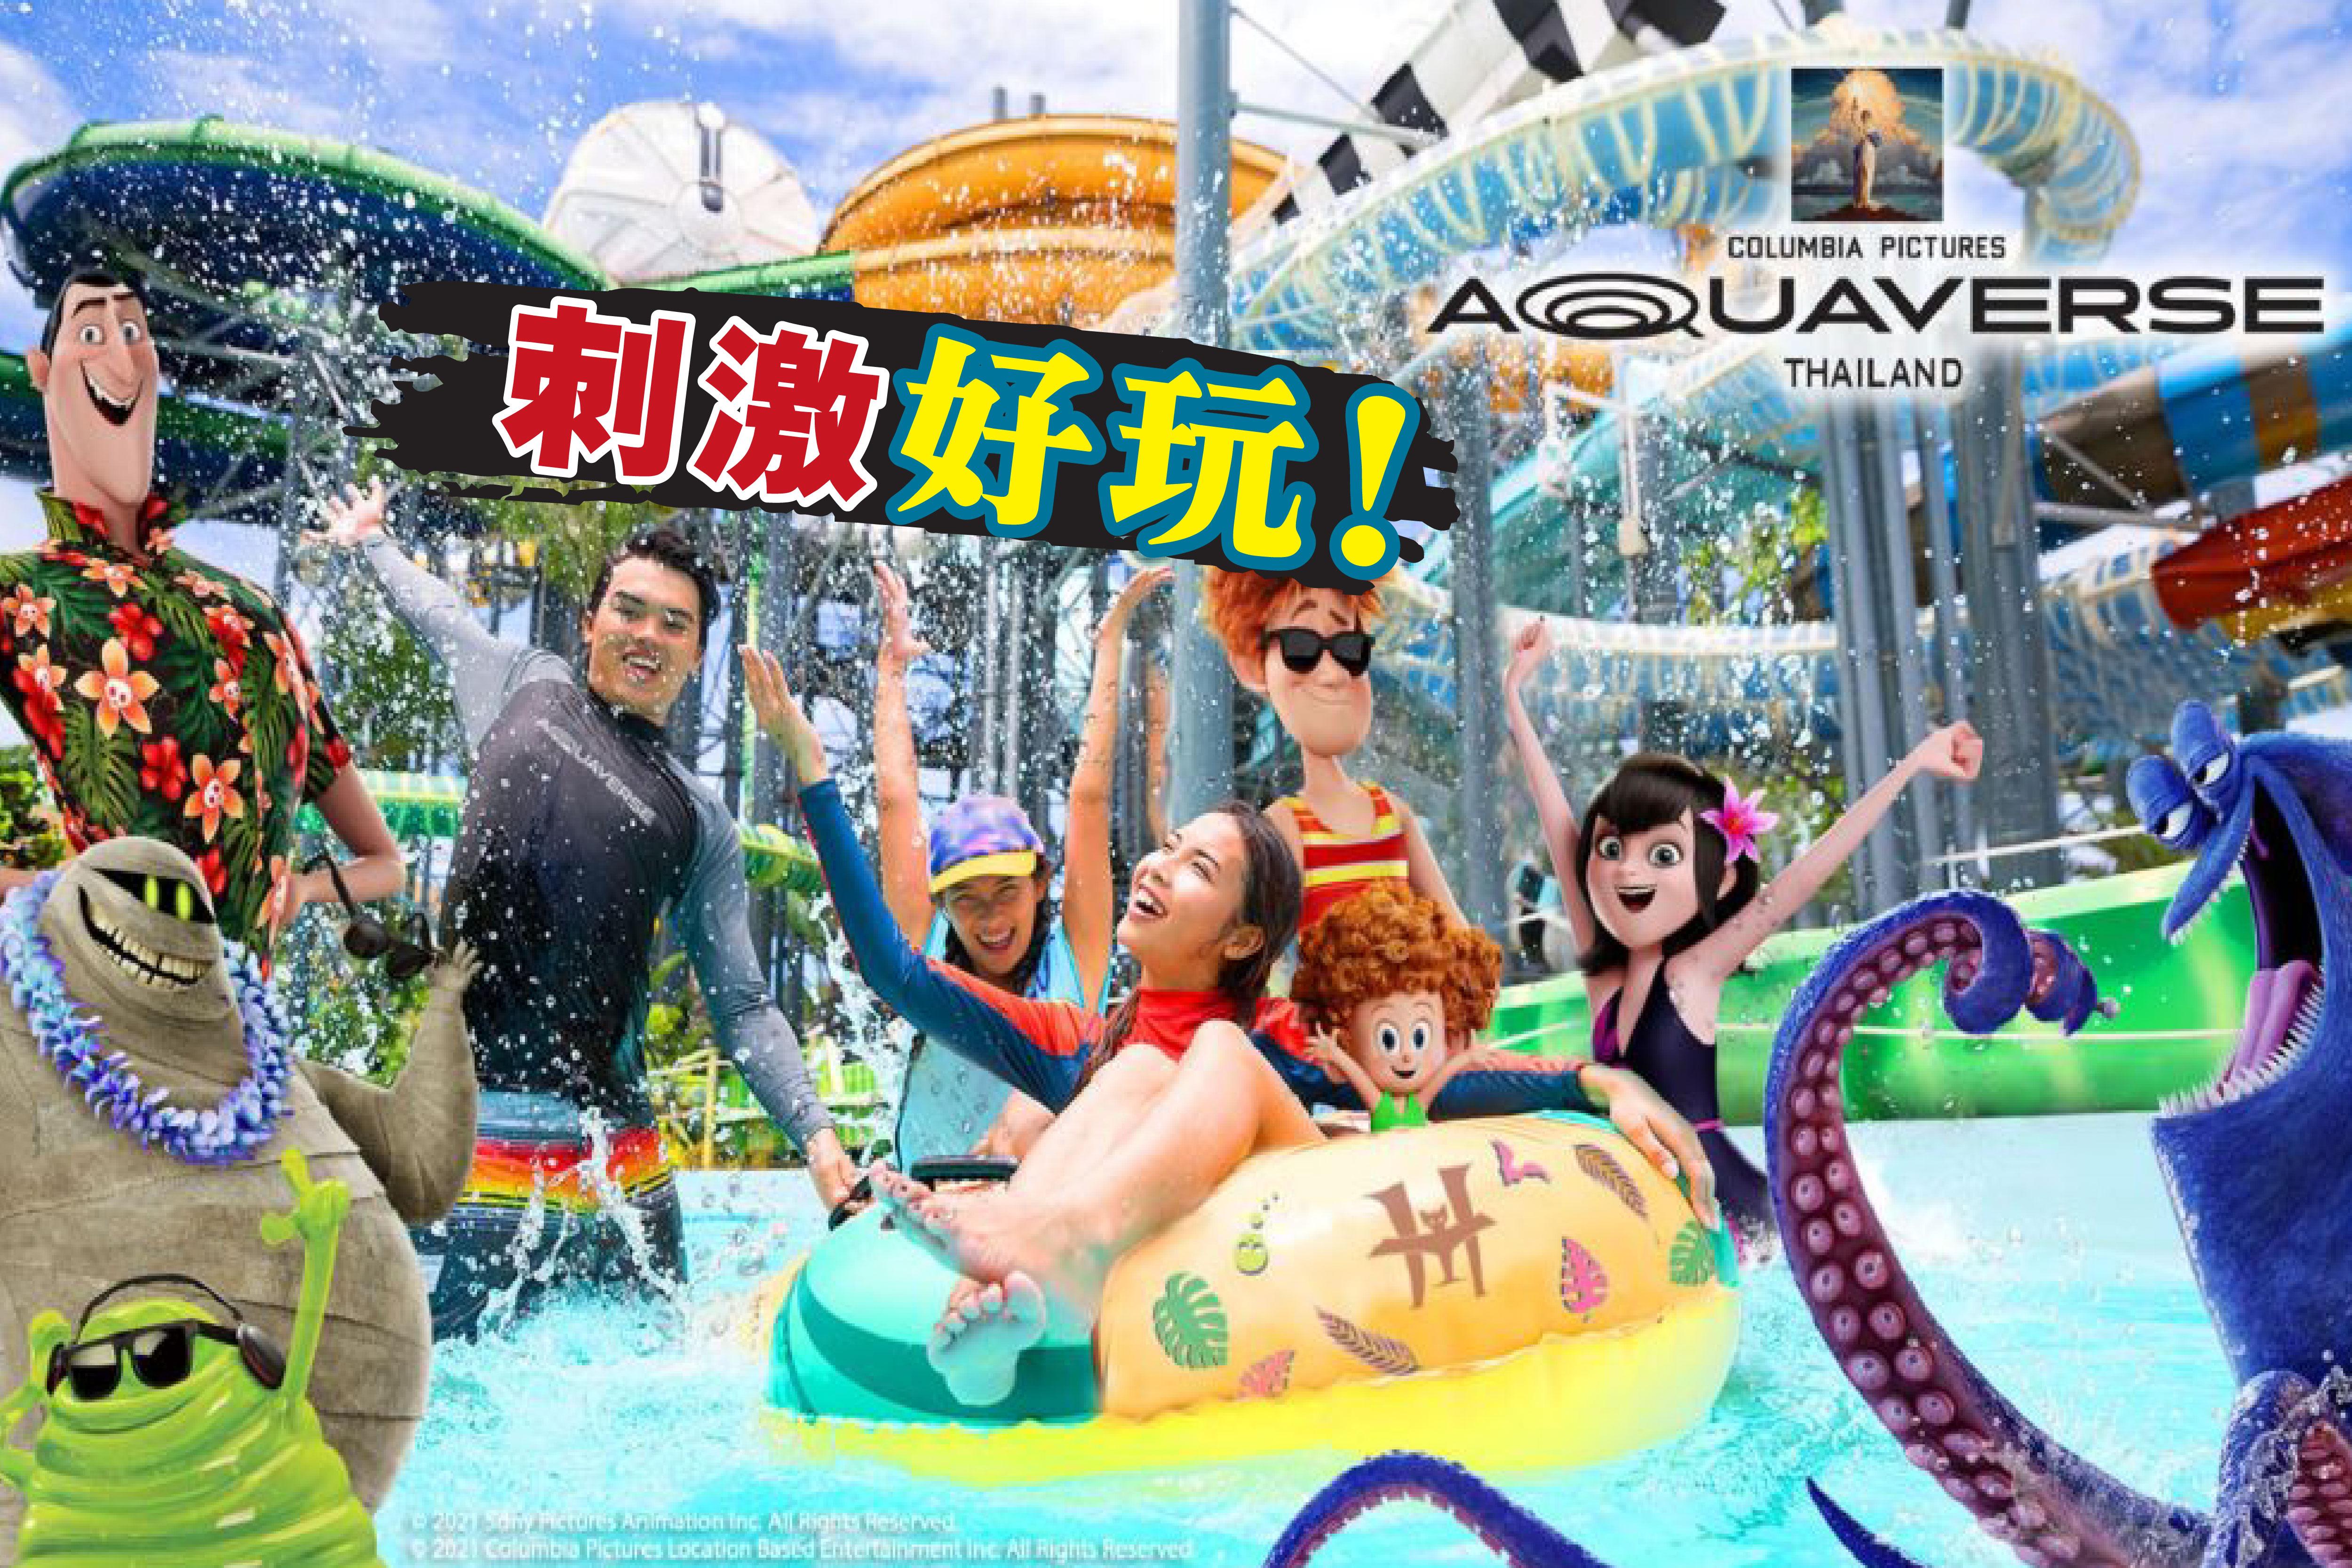 """索尼影业周三(7日)宣布,他们联手泰国度假村发展商Amazon Falls,打造全球首座哥伦比亚电影主题乐园和水上乐园 """"Columbia Pictures' Aquaverse"""",并于今年10月开幕。-图取自ETX Studio/精彩大马制图 -"""